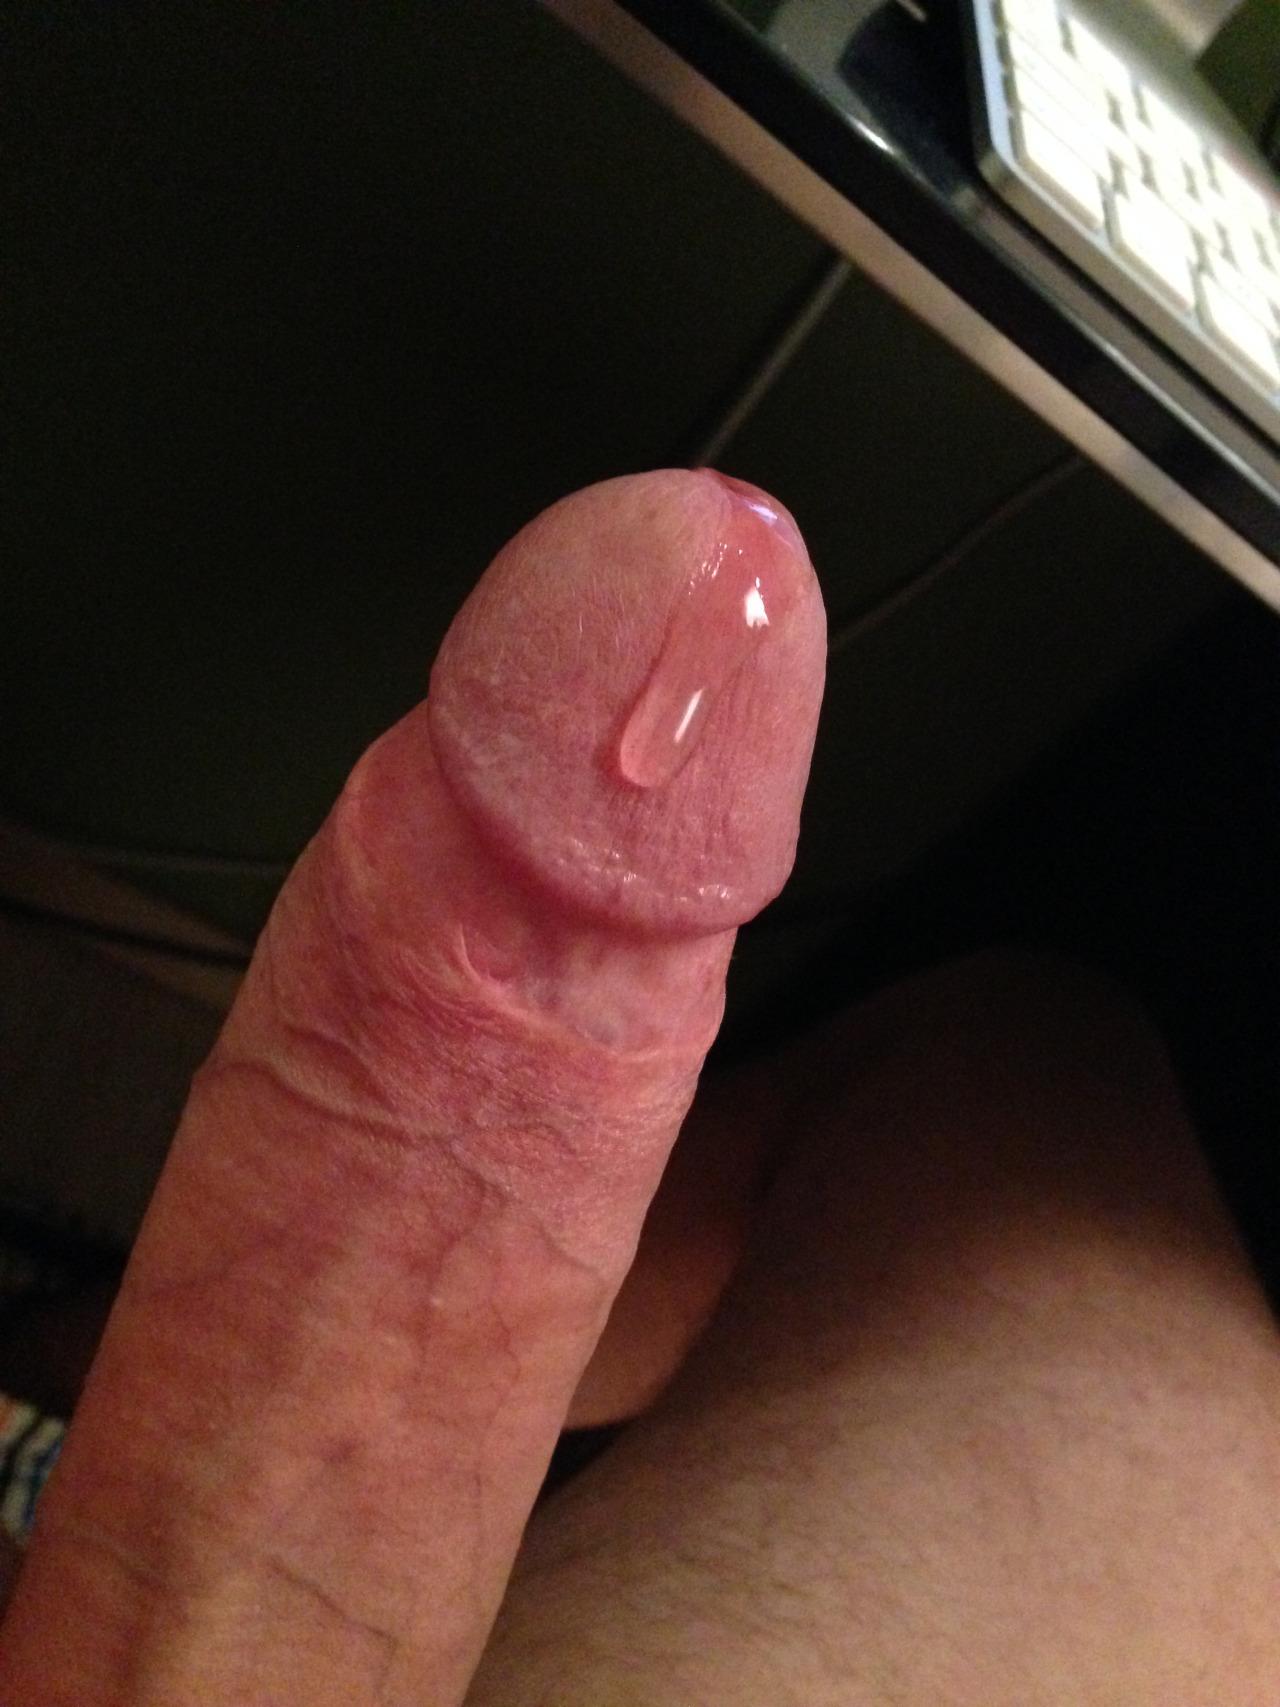 Cock pics cumming Cumming Cock